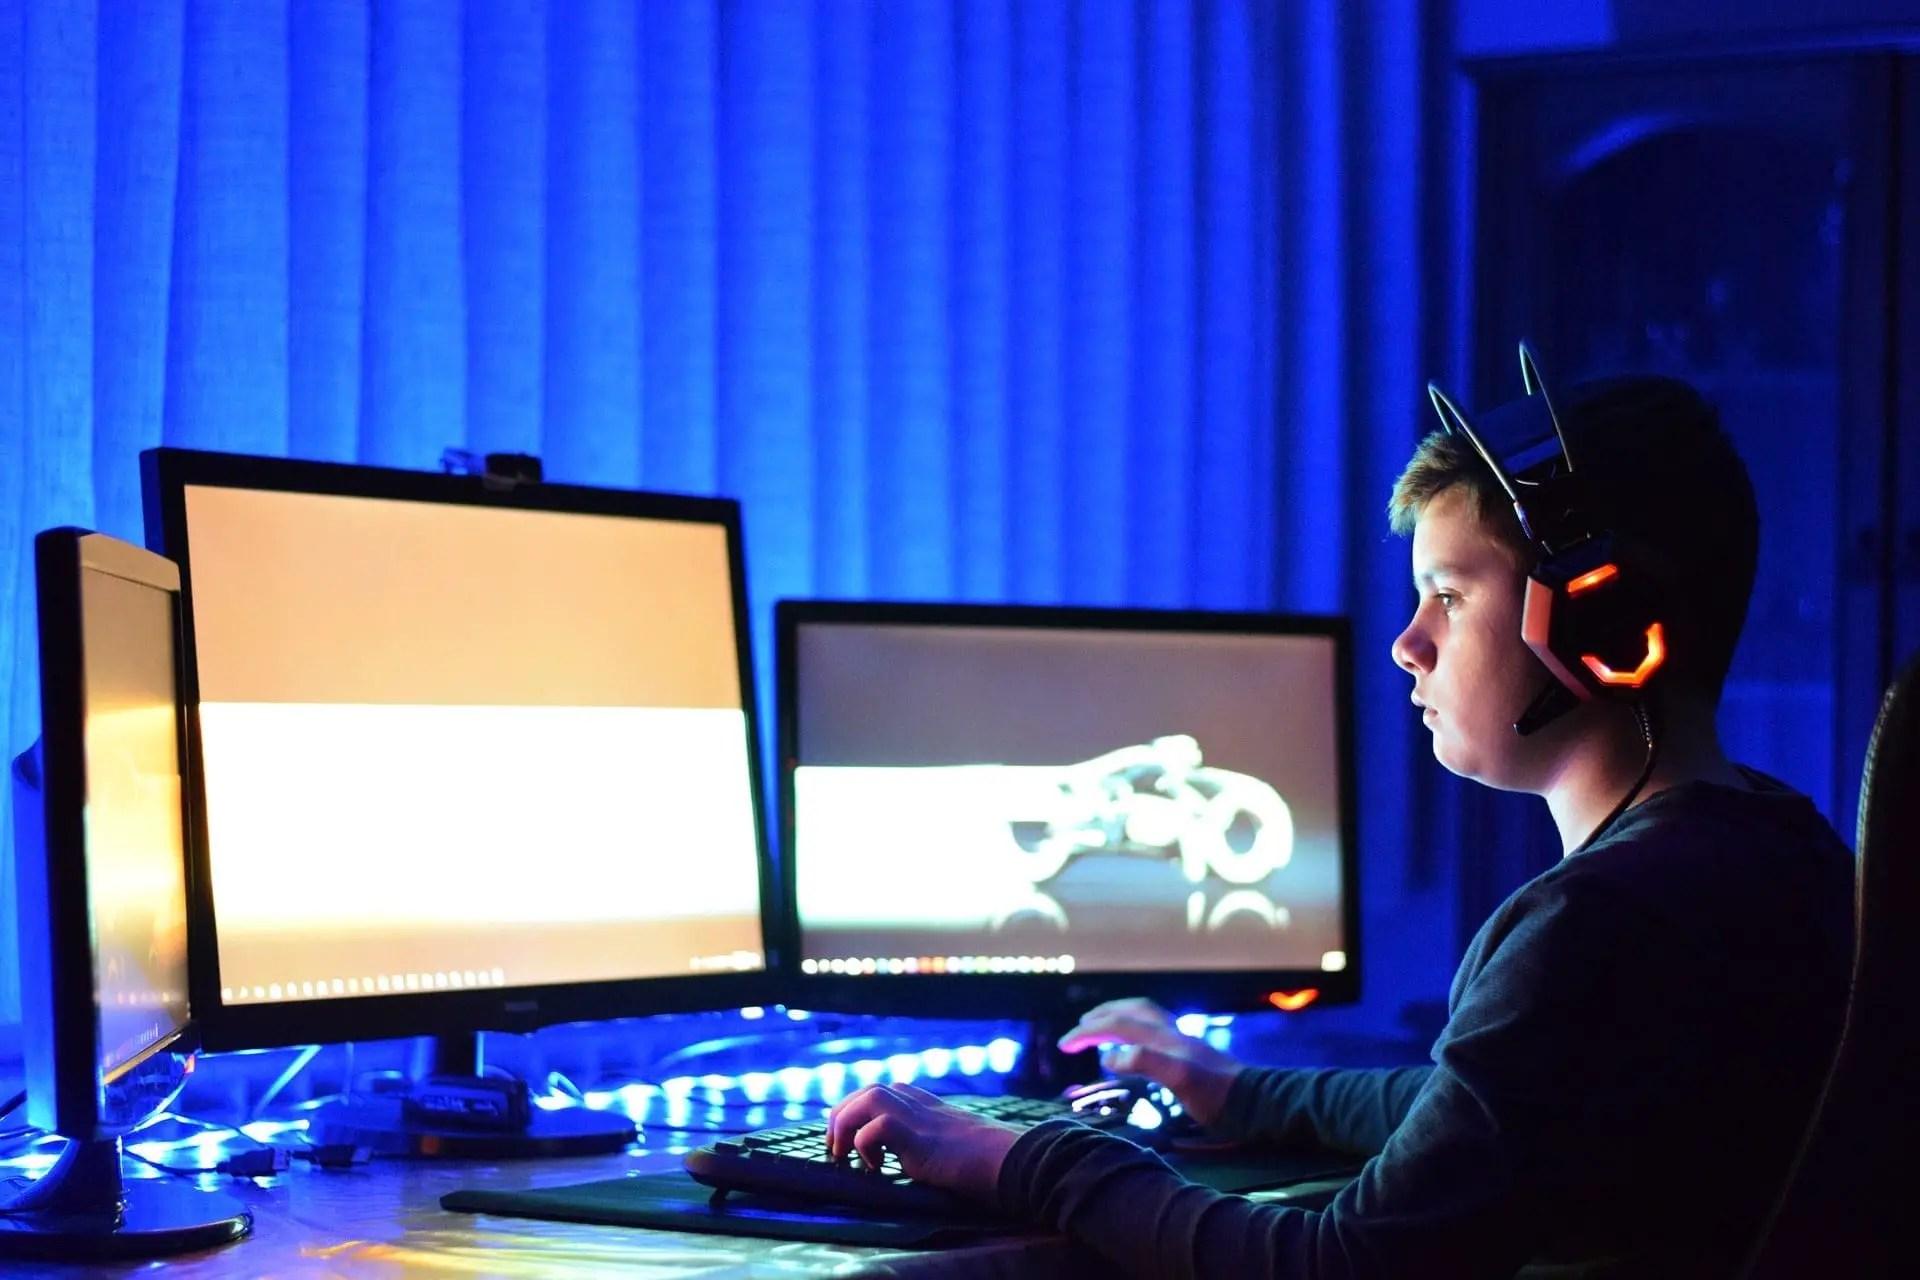 Les jeux vidéo en France : Un phénomène à comprendre et en évolution